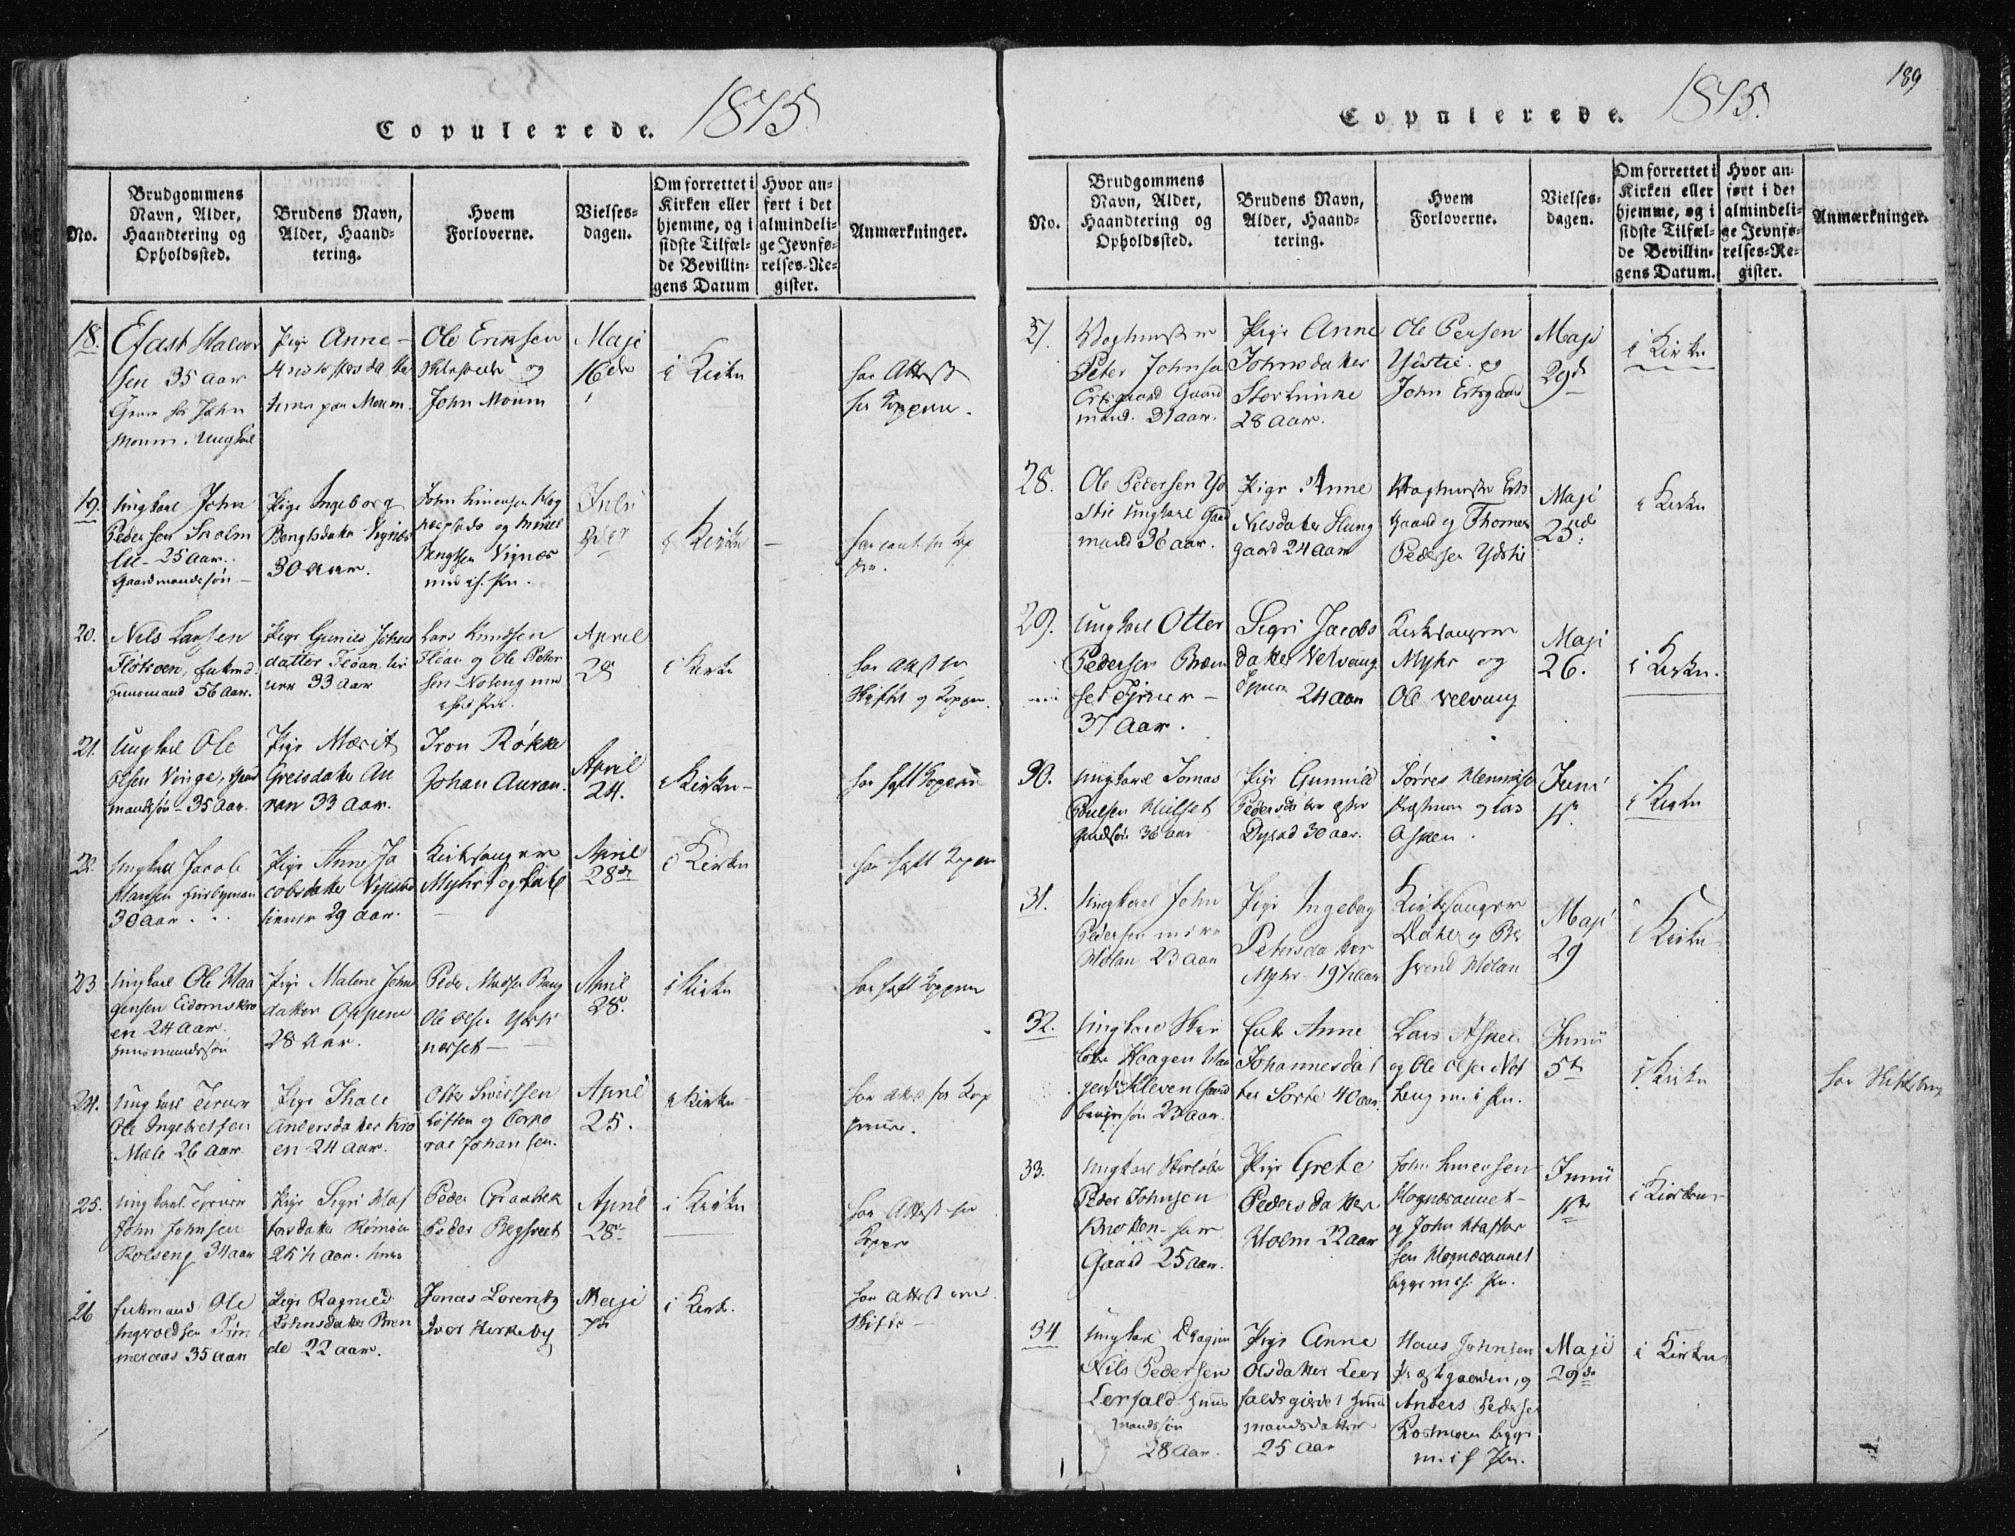 SAT, Ministerialprotokoller, klokkerbøker og fødselsregistre - Nord-Trøndelag, 709/L0061: Ministerialbok nr. 709A08 /1, 1815-1819, s. 189